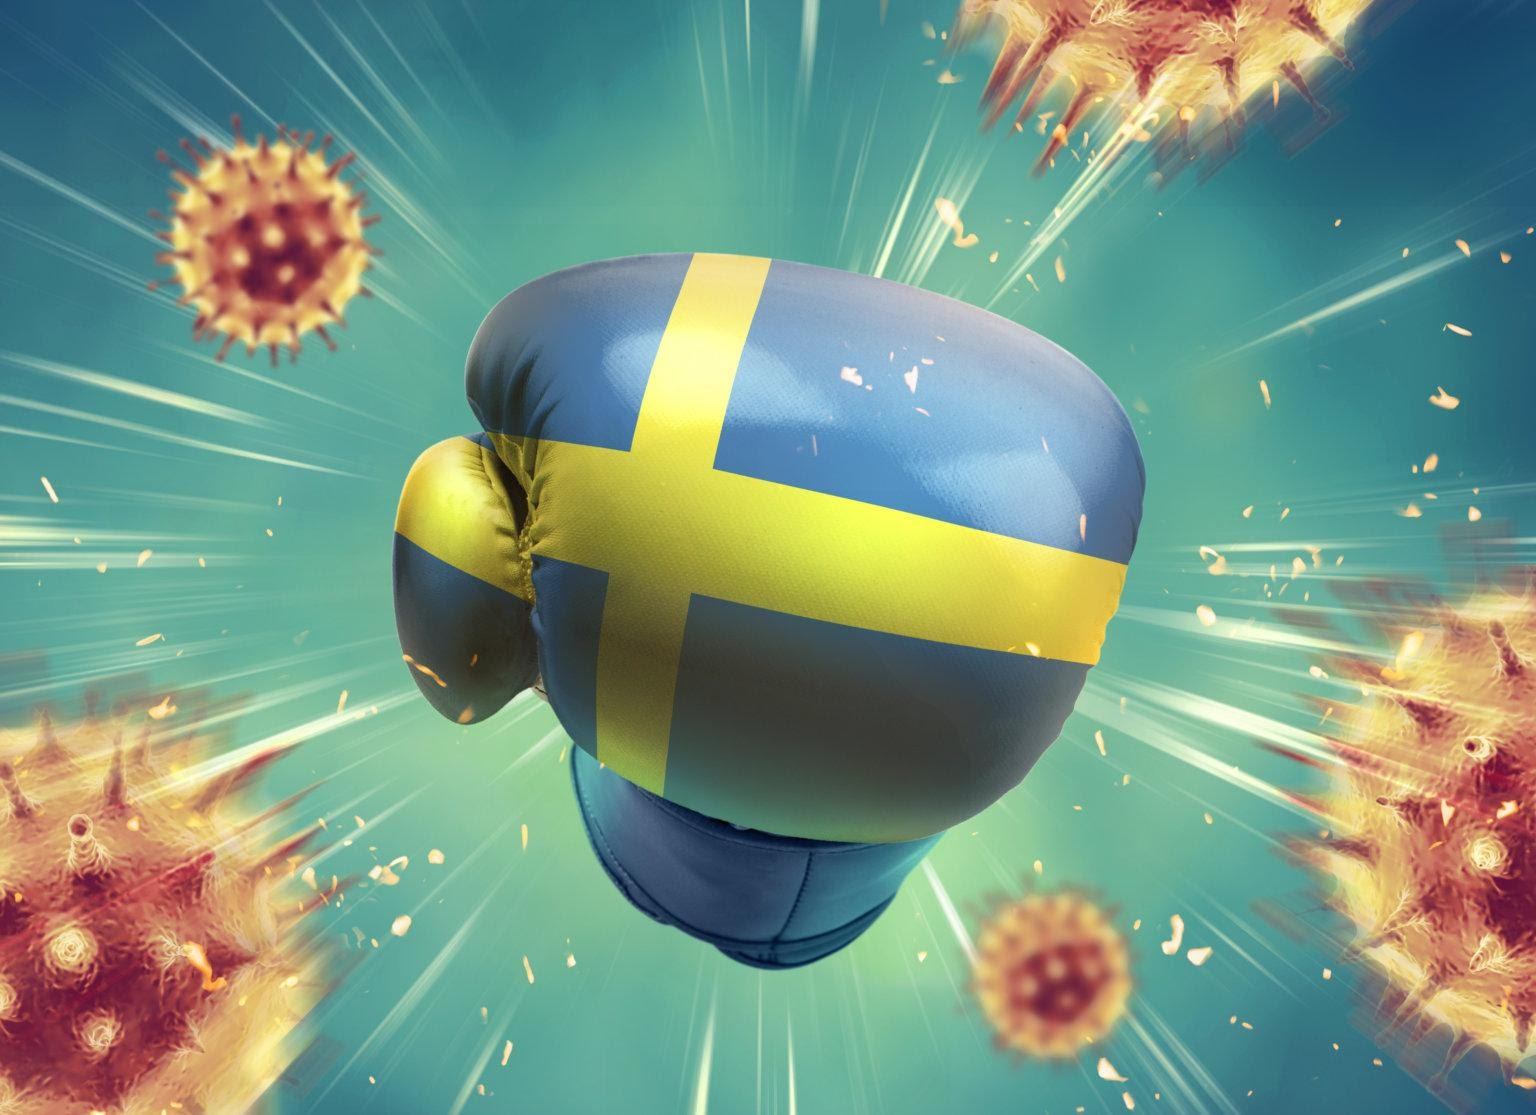 bewijst-zweden-de-onzin-van-de-lockdown?-–-viruswaarheid